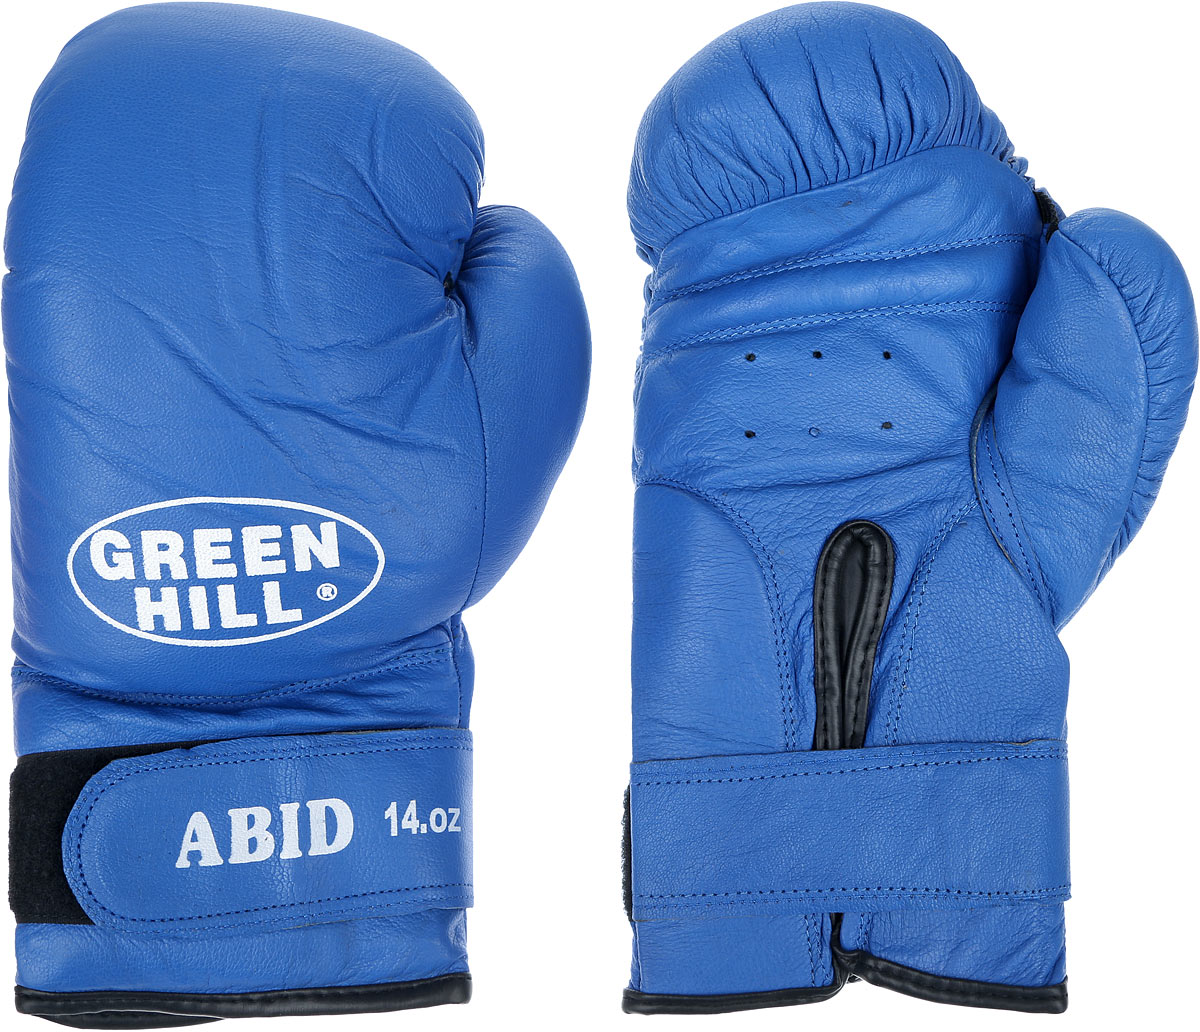 Перчатки боксерские Green Hill Abid, цвет: синий, белый. Вес 14 унцийAIRWHEEL Q3-340WH-BLACKБоксерские тренировочные перчатки Green Hill Abid выполнены из натуральной кожи. Они отлично подойдут для начинающих спортсменов. Мягкий наполнитель из очеса предотвращает любые травмы. Отверстия в районе ладони обеспечивают вентиляцию. Широкий ремень, охватывая запястье, полностью оборачивается вокруг манжеты, благодаря чему создается дополнительная защита лучезапястного сустава от травмирования. Застежка на липучке способствует быстрому и удобному надеванию перчаток, плотно фиксирует перчатки на руке.